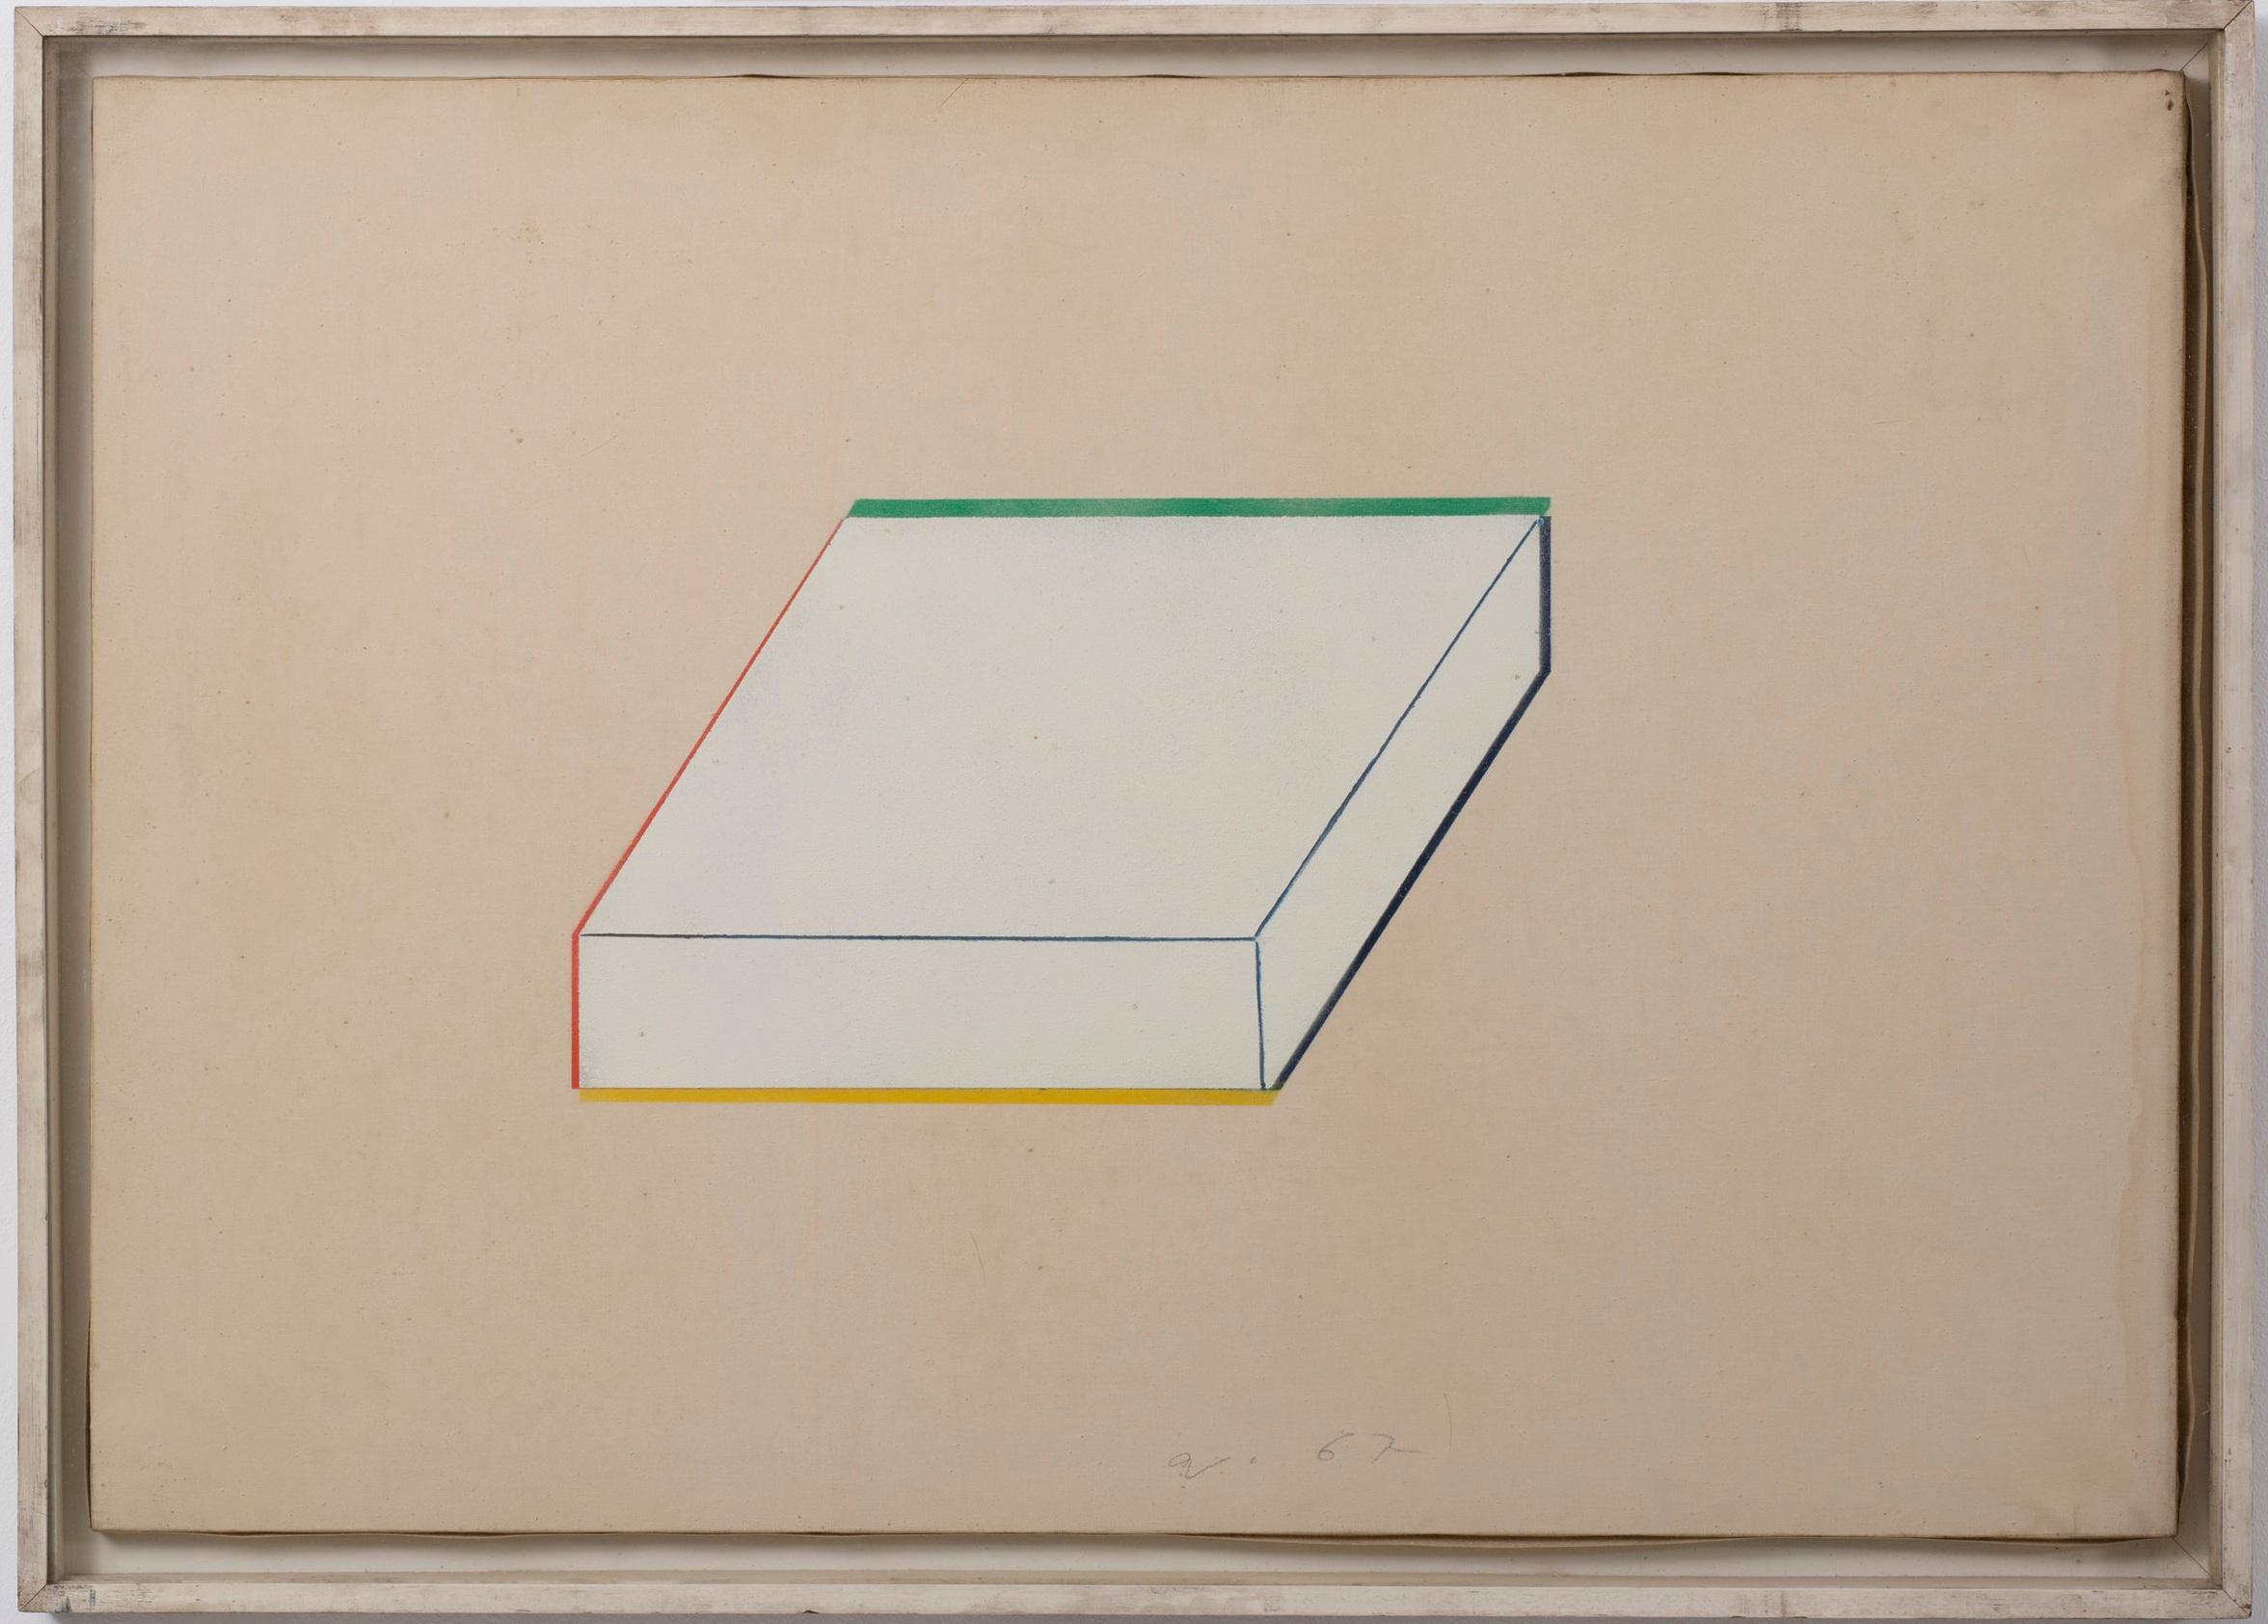 Senza titolo, 1967